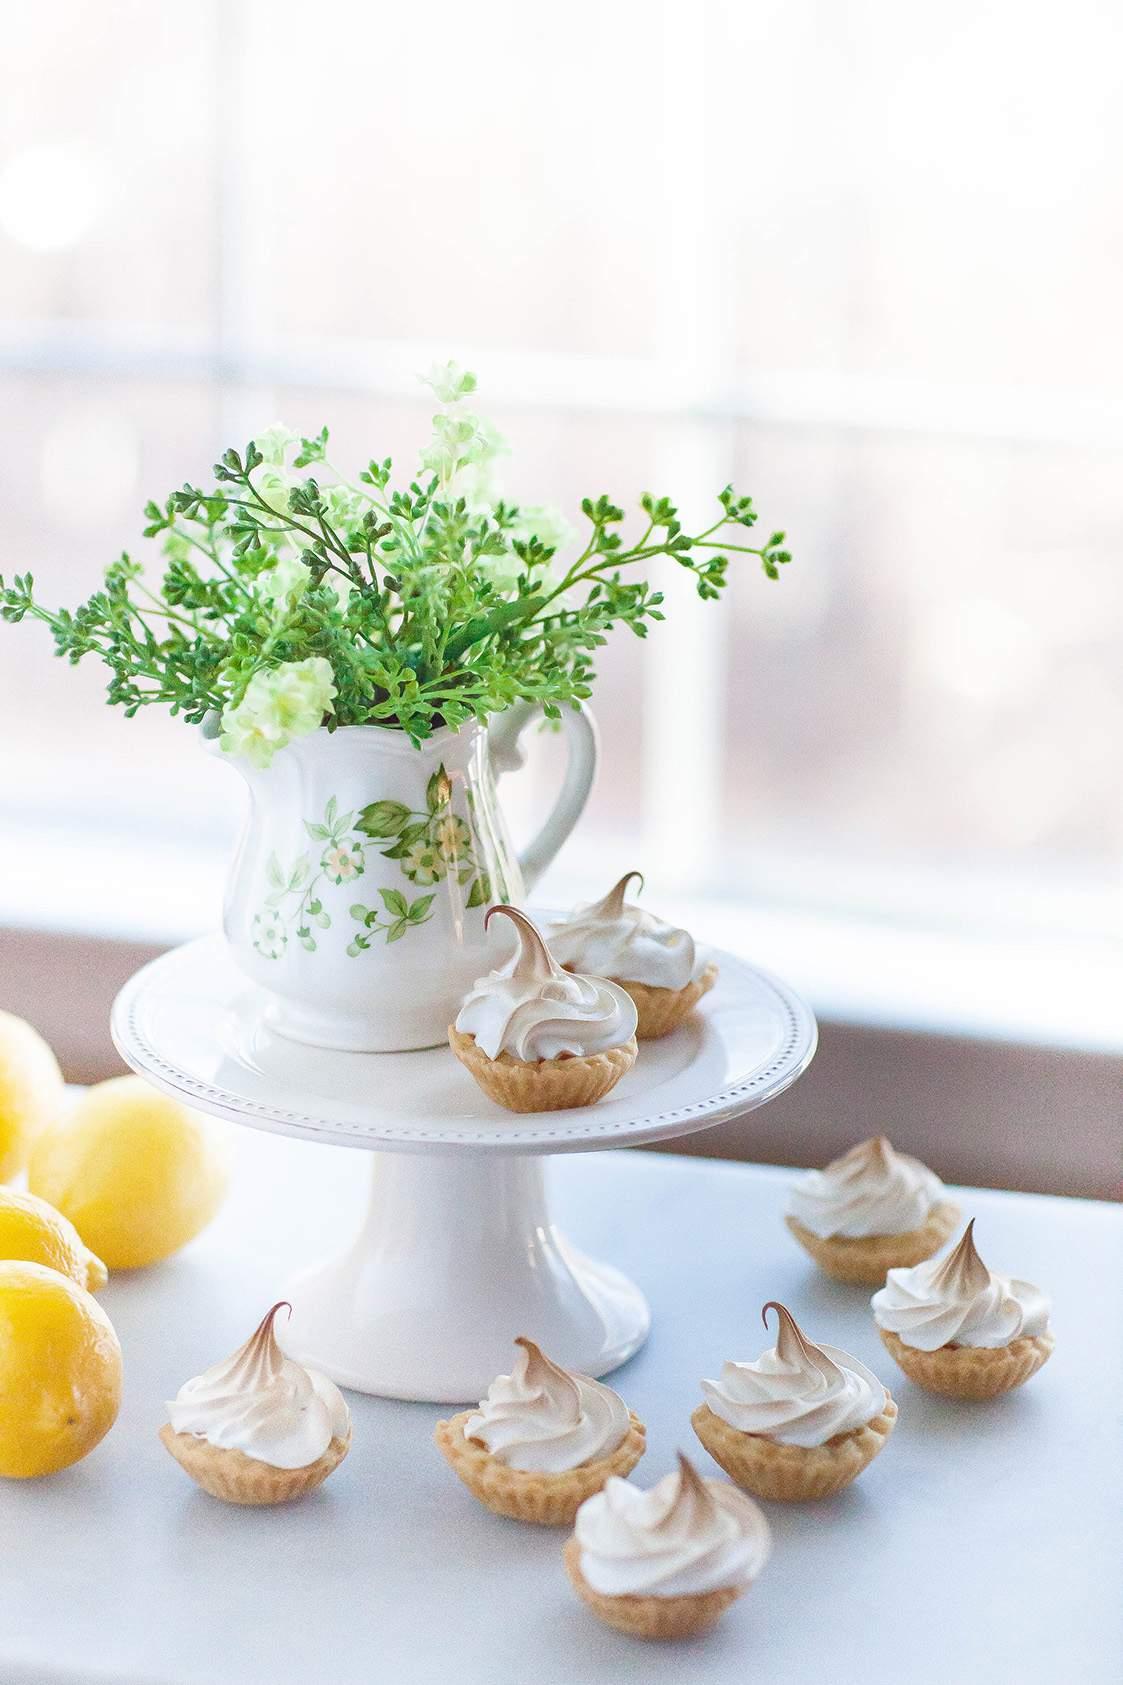 lemon mini tarts